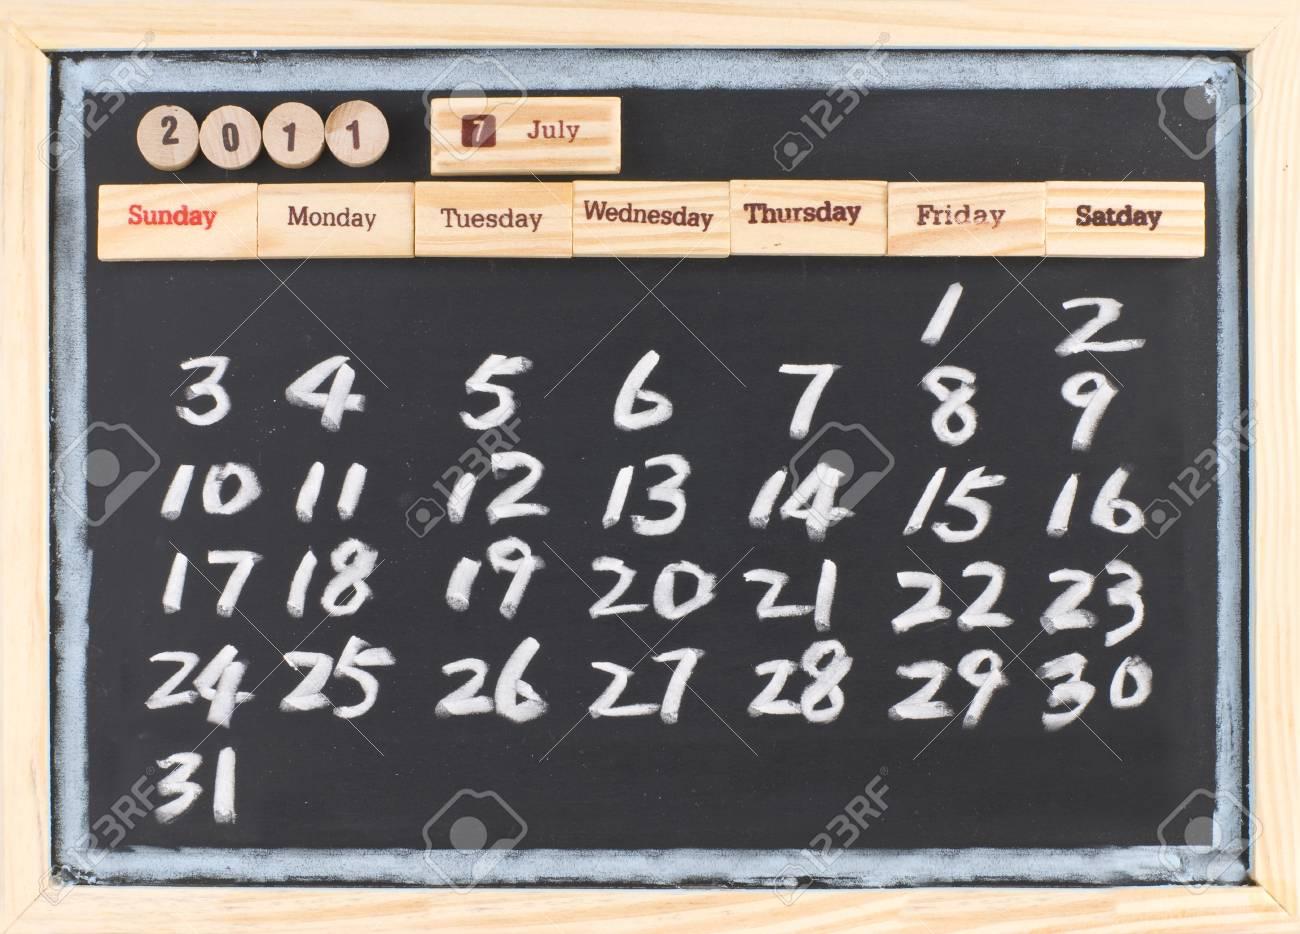 Calendario Julio Del 2000.Mano Dibujo Calendario De Julio De 2011 Calendario Mensual De 2011